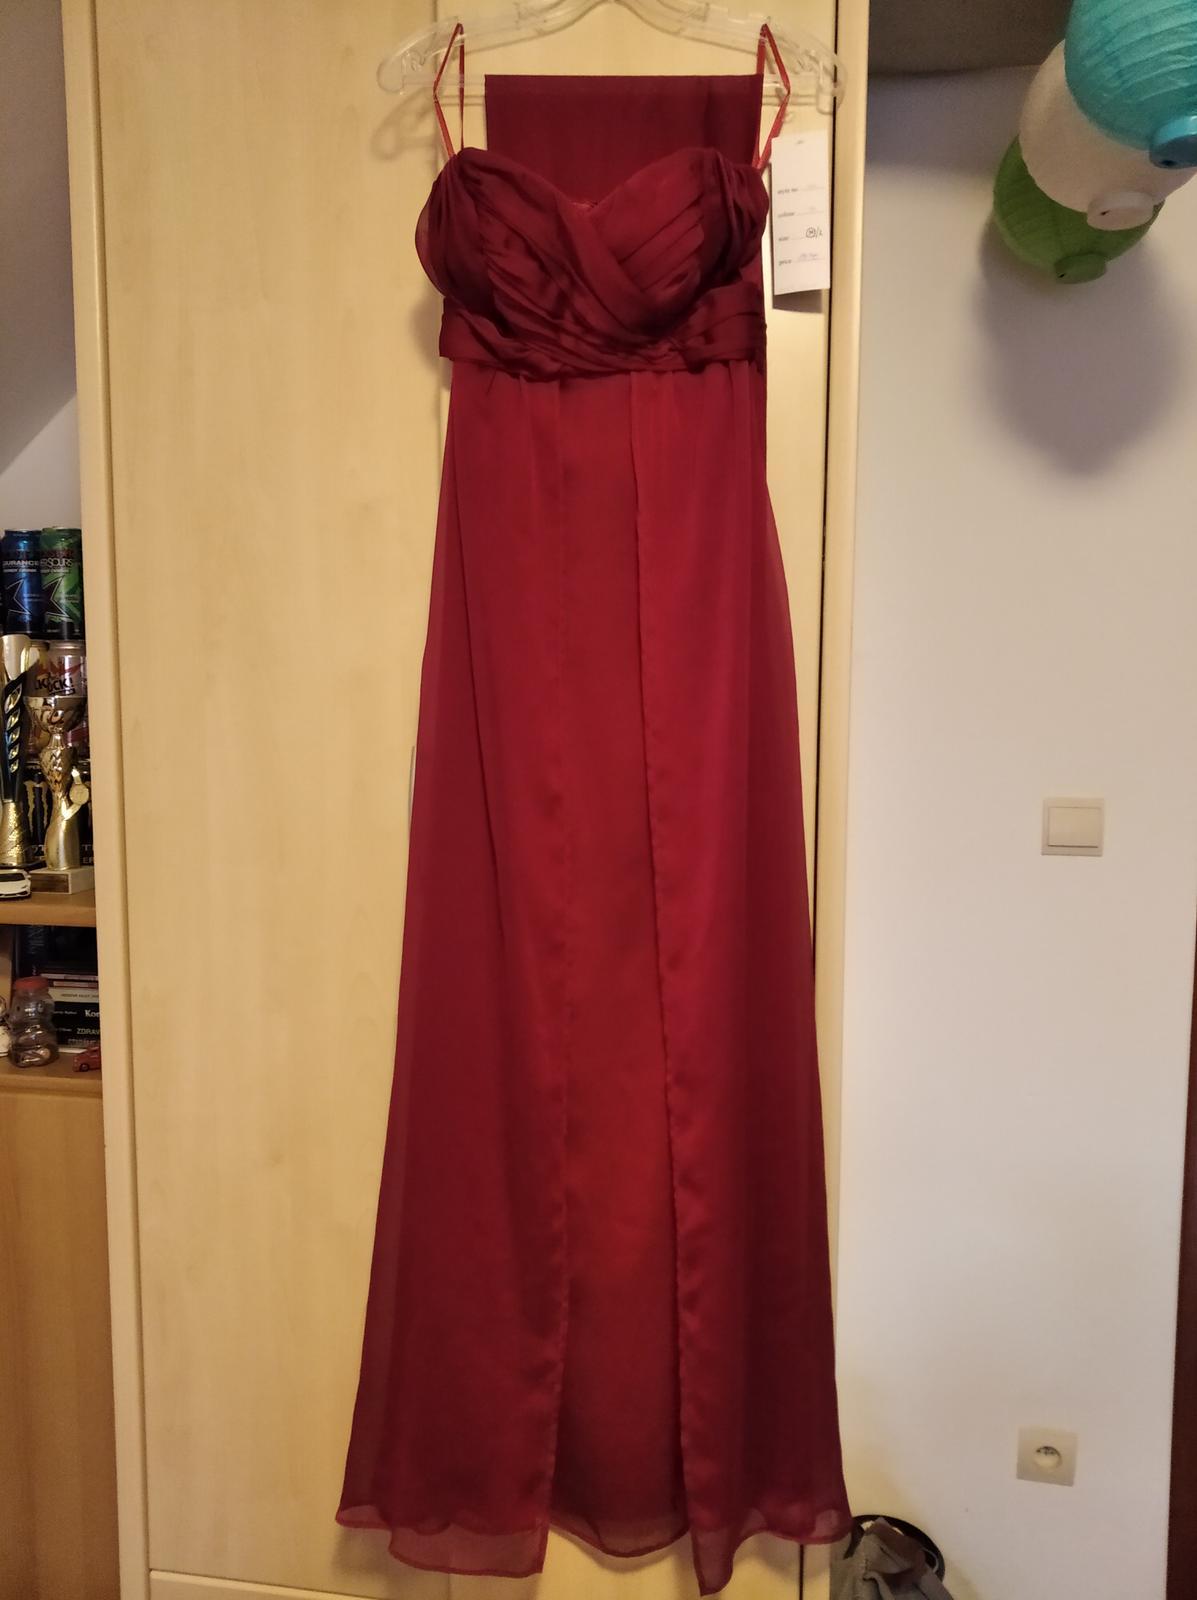 Cyklámenové dlhé šaty - 34 - Obrázok č. 2